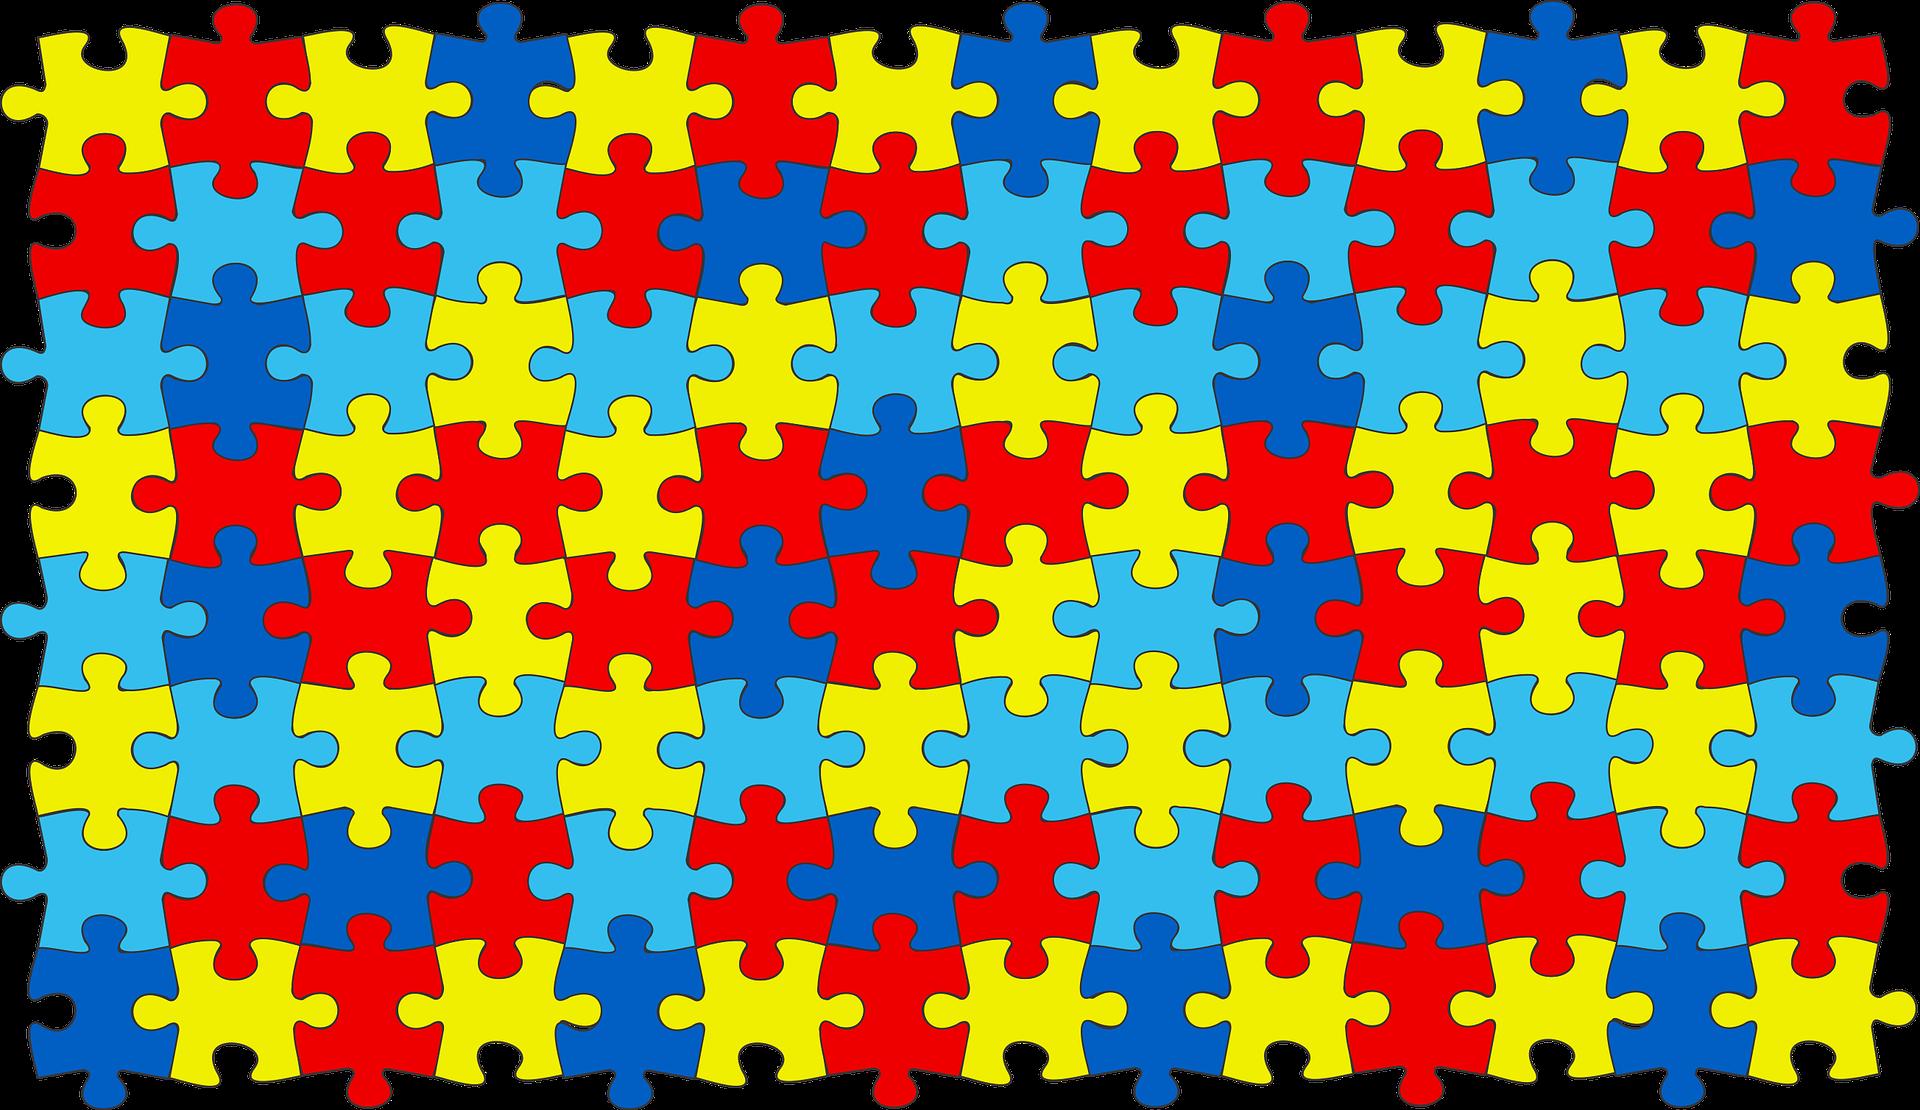 Community Adult Autism Partnership Program – Paint and Socialize!